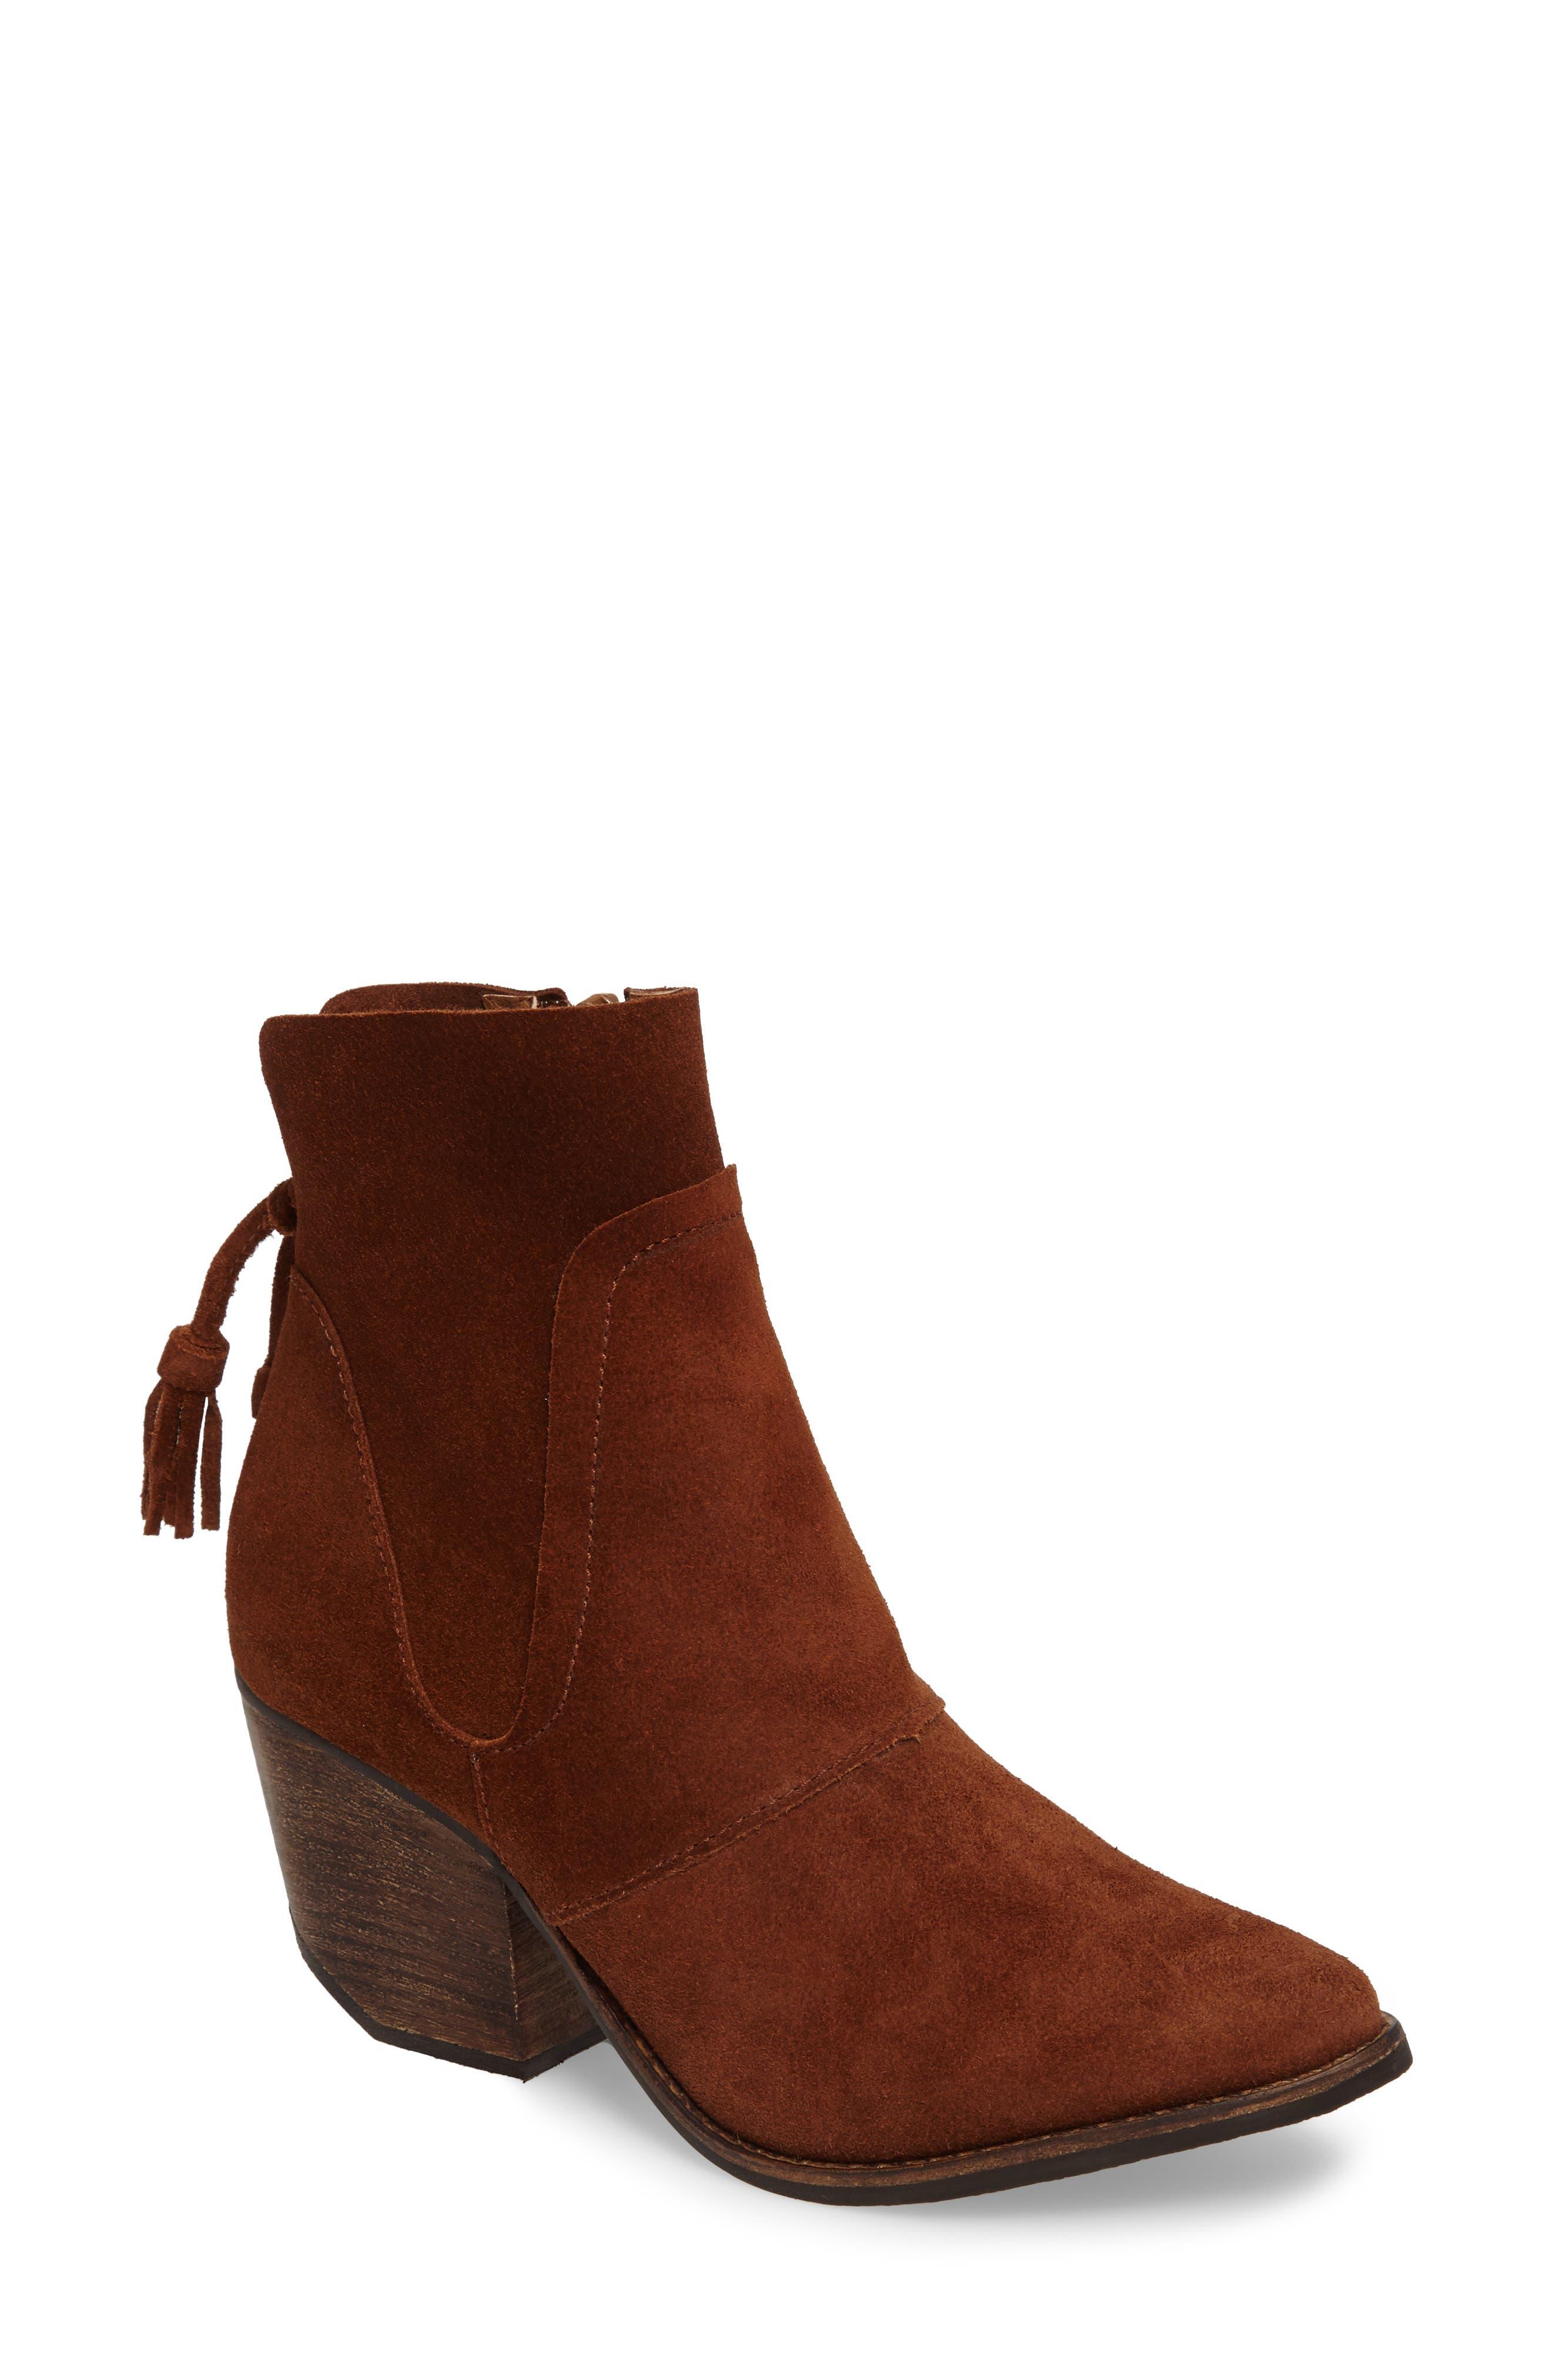 Alternate Image 1 Selected - Matisse Laney Notched Heel Bootie (Women)